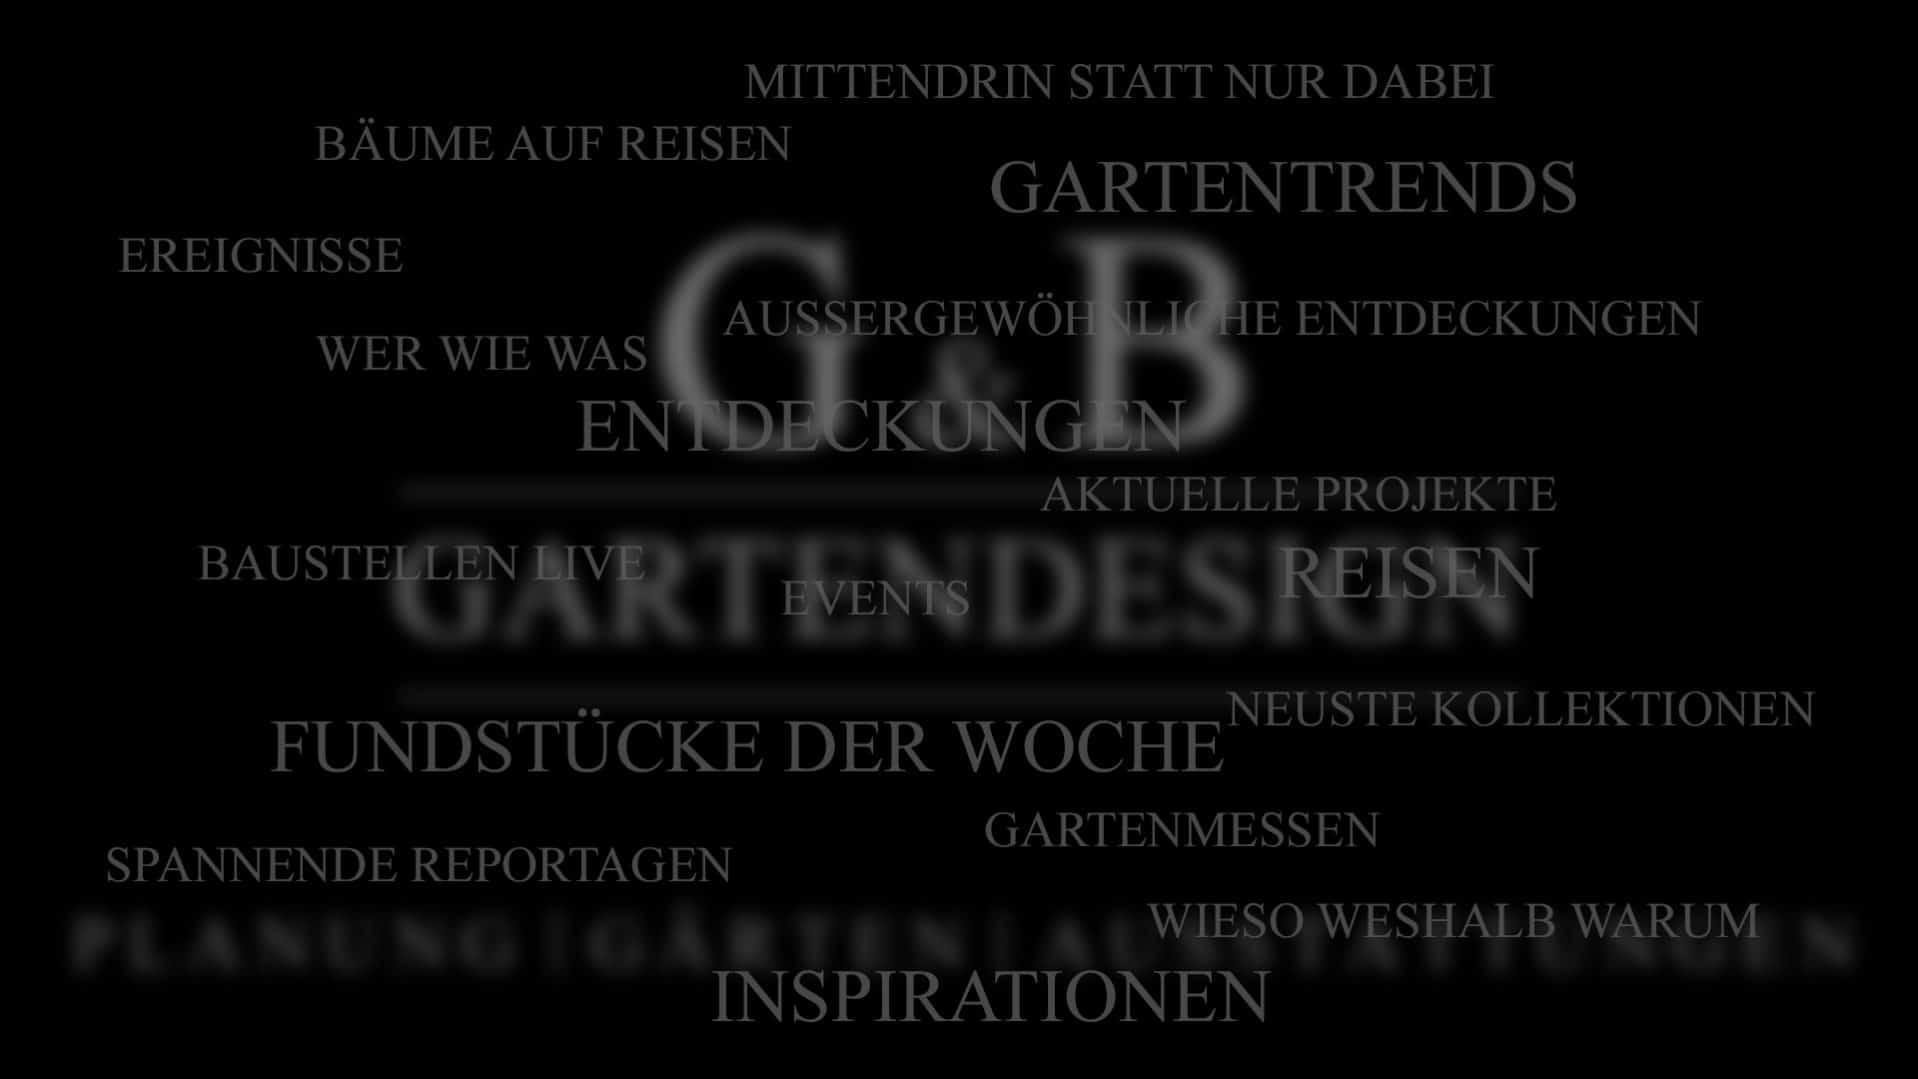 Gartenblog / Gartentrends